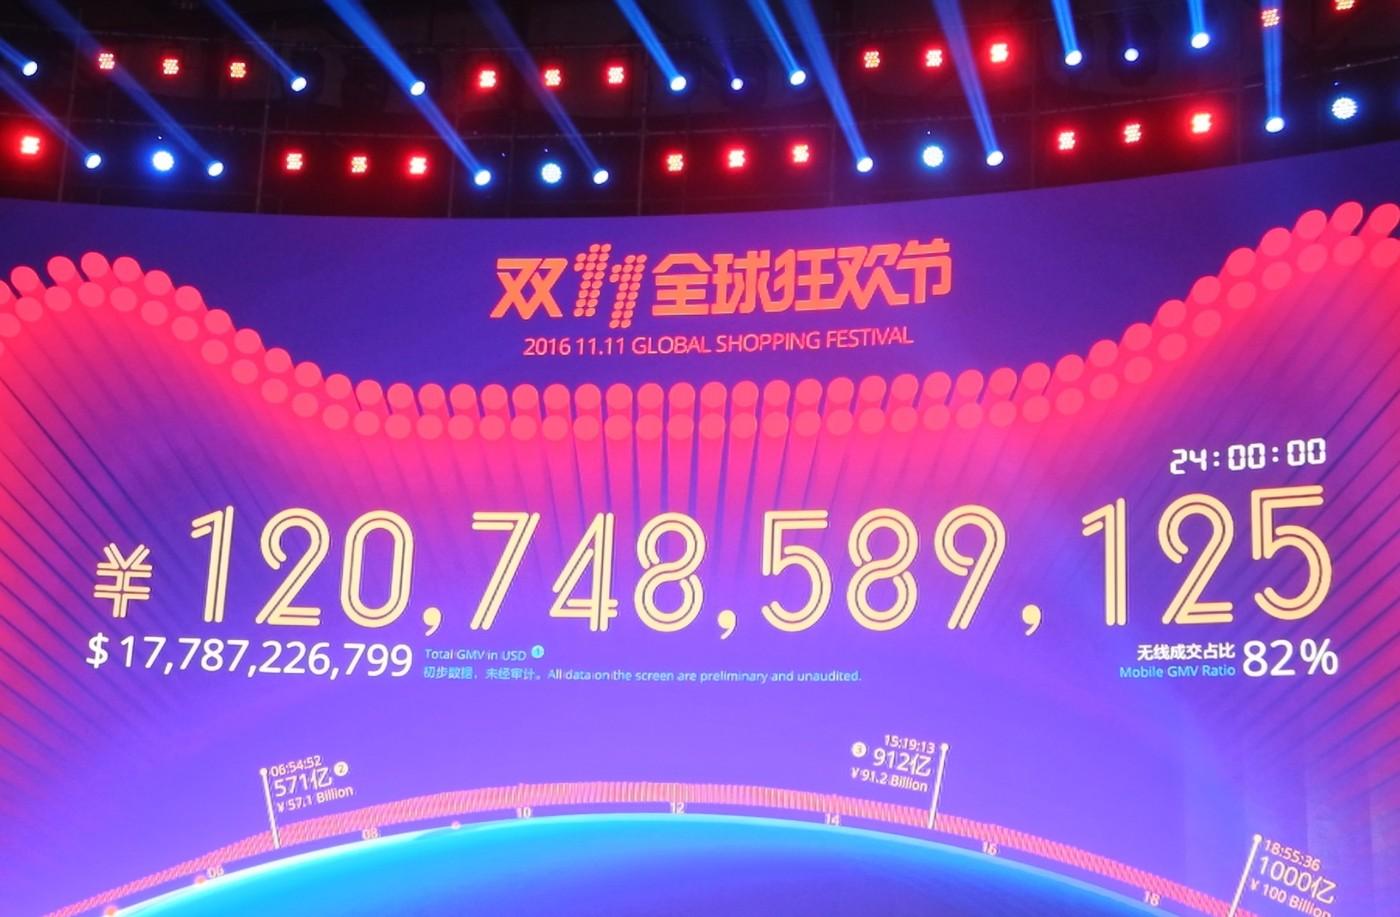 [深圳現場] 單日1,207億人民幣,馬雲:雙11未來要去歐美、去日本做!